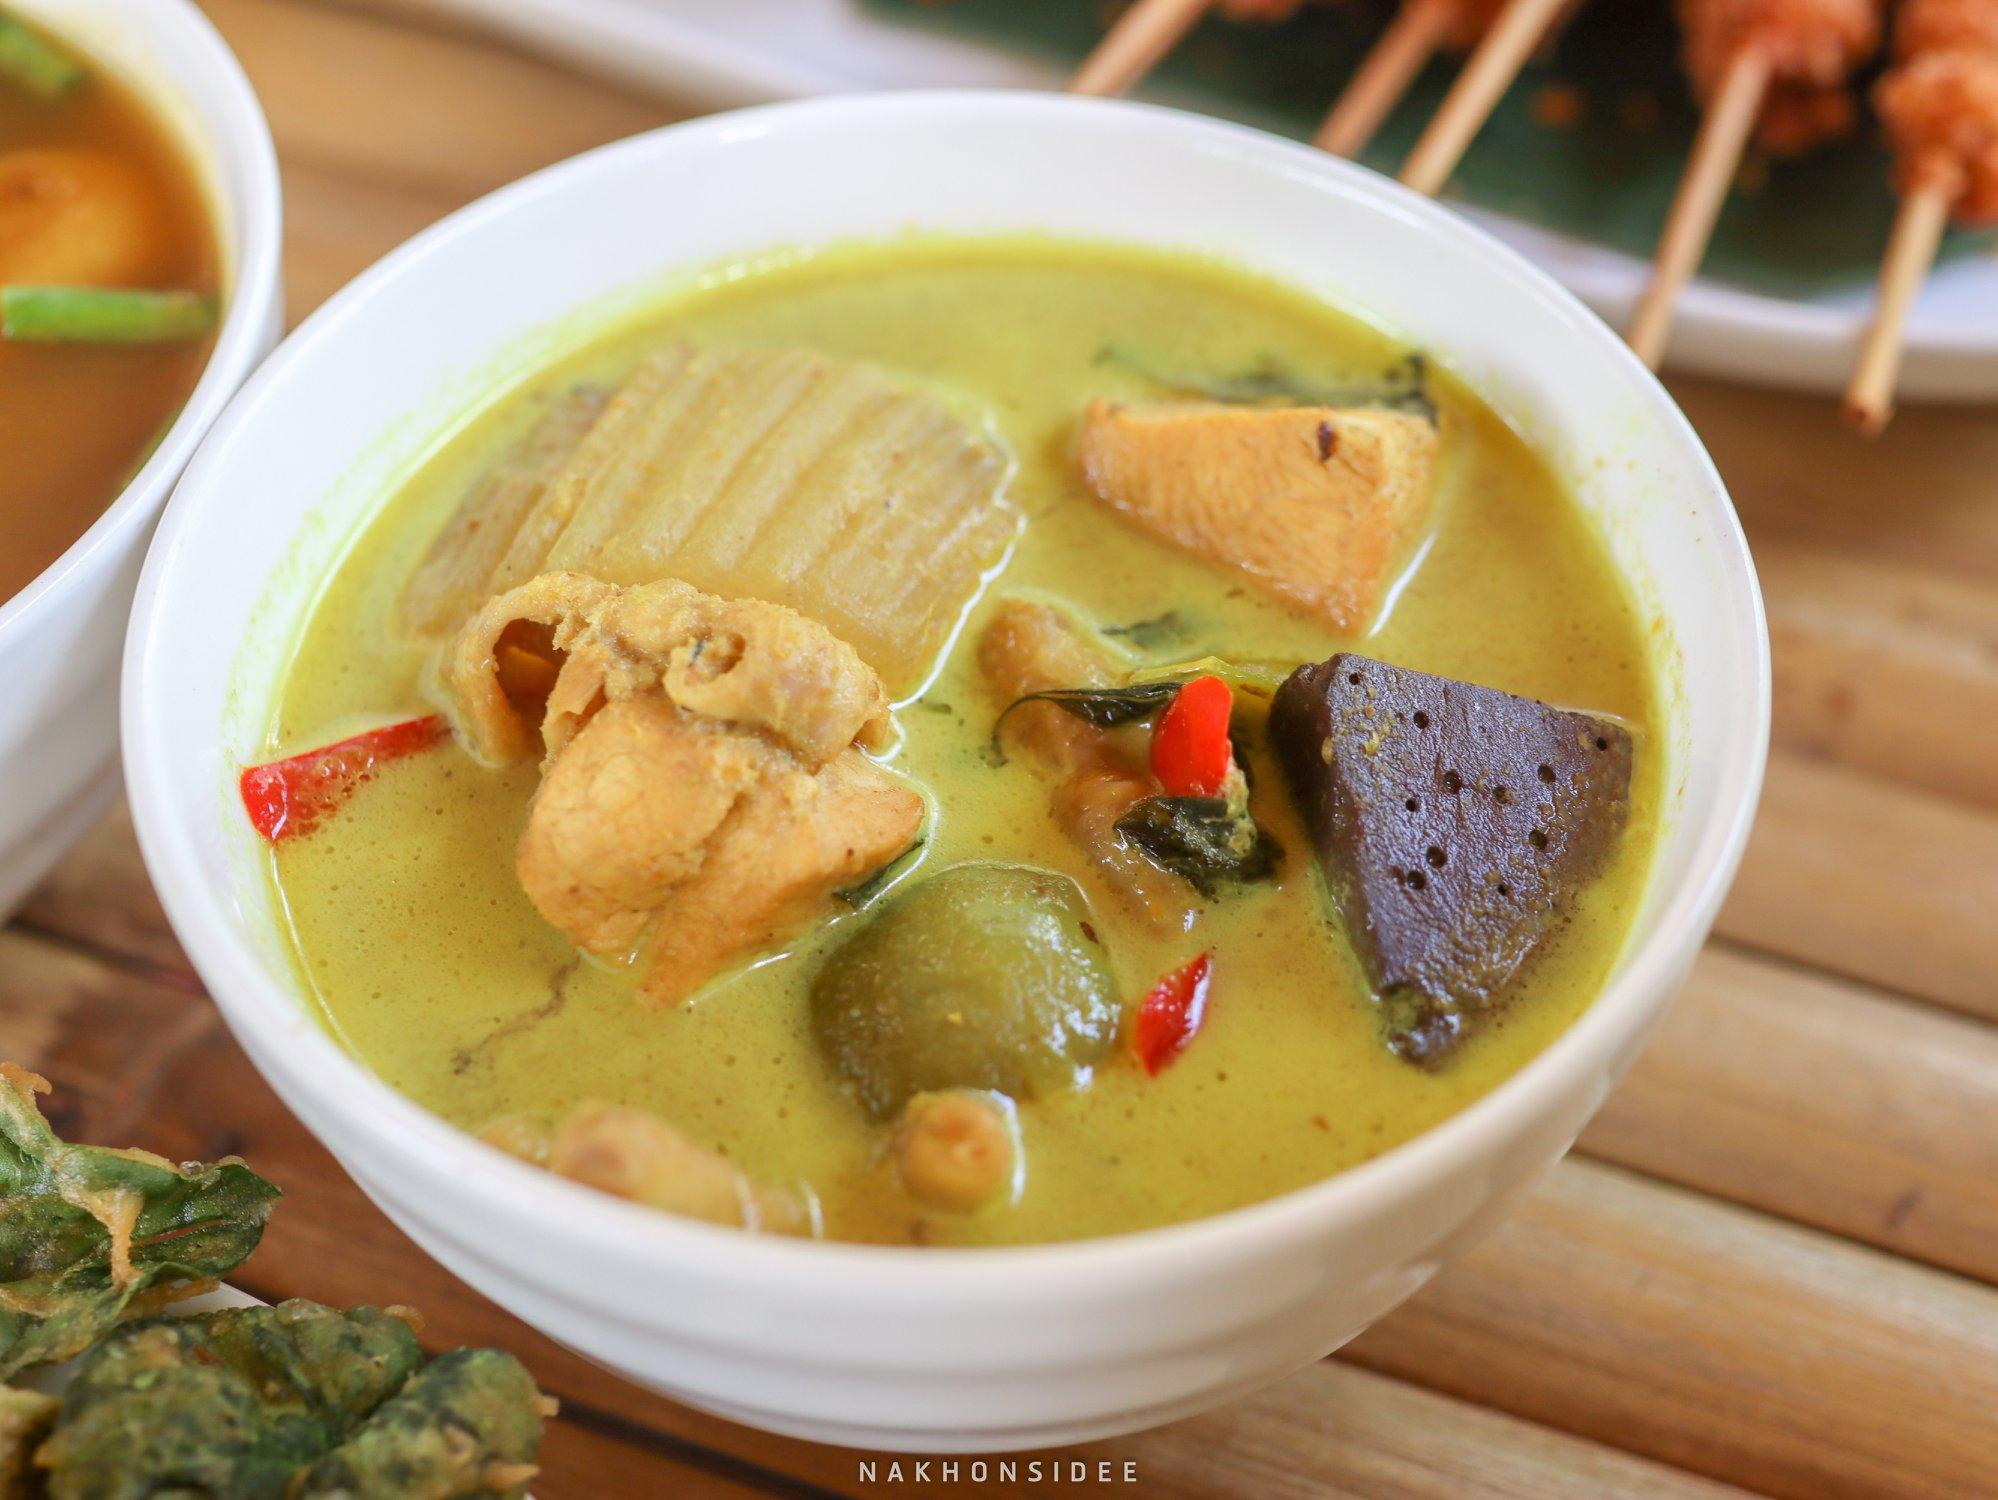 ขนมจีนแกงเขียวหวาน-อร่อย  ขนมจีน,ลานสกา,ขุนทะเล,ของกิน,อร่อย,เด็ด,นครศรีธรรมราช